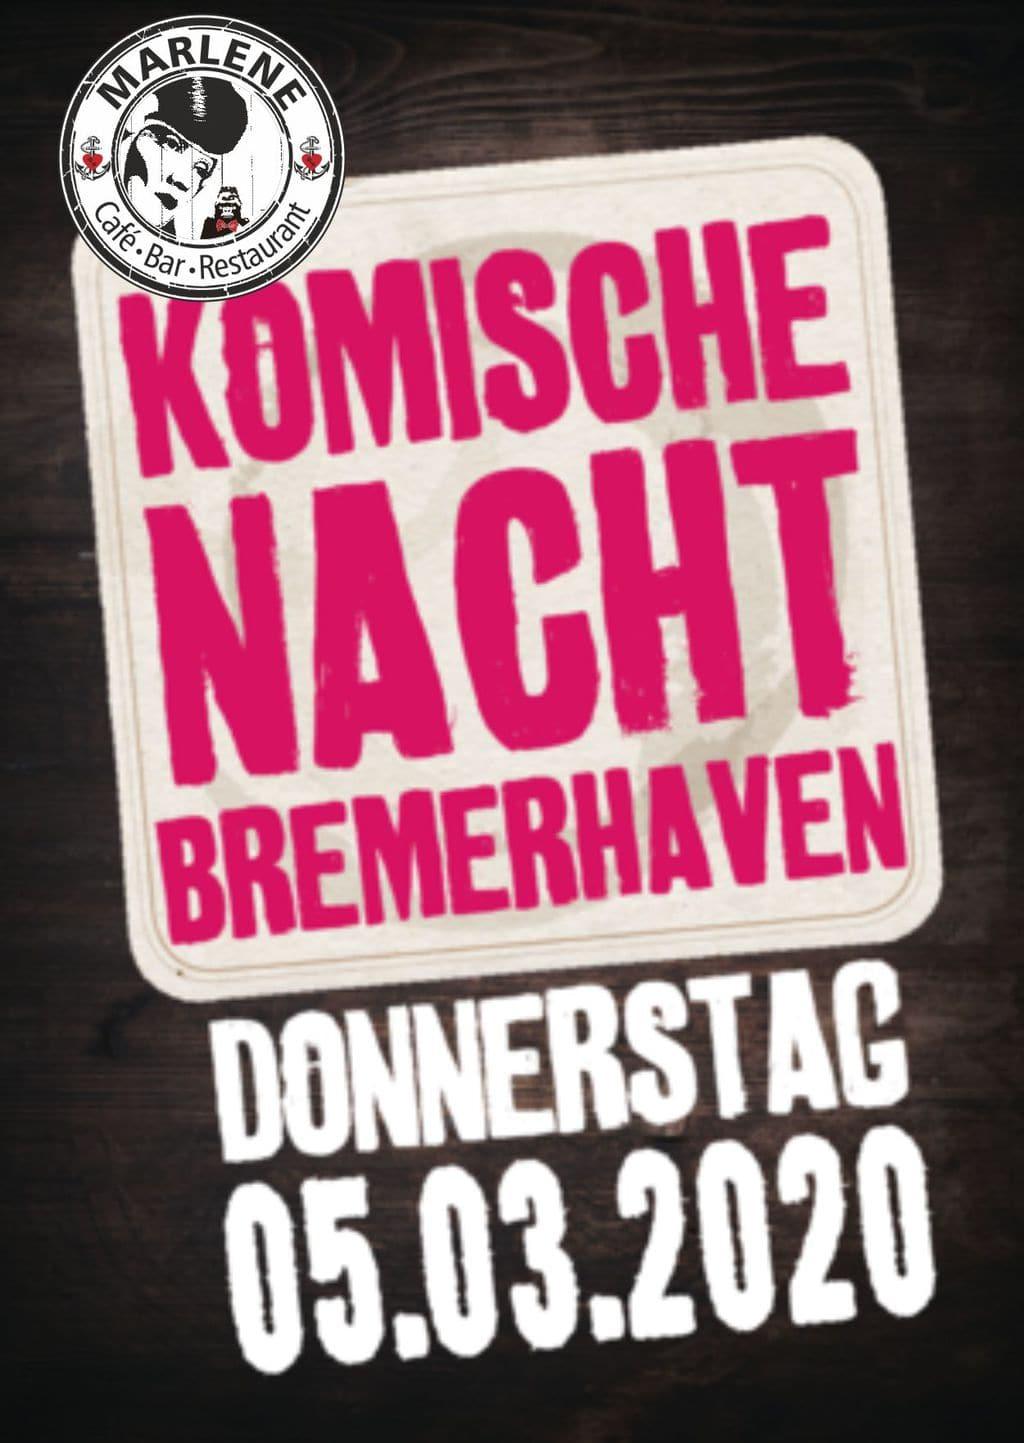 Komische Nacht Bremerhaven 2020